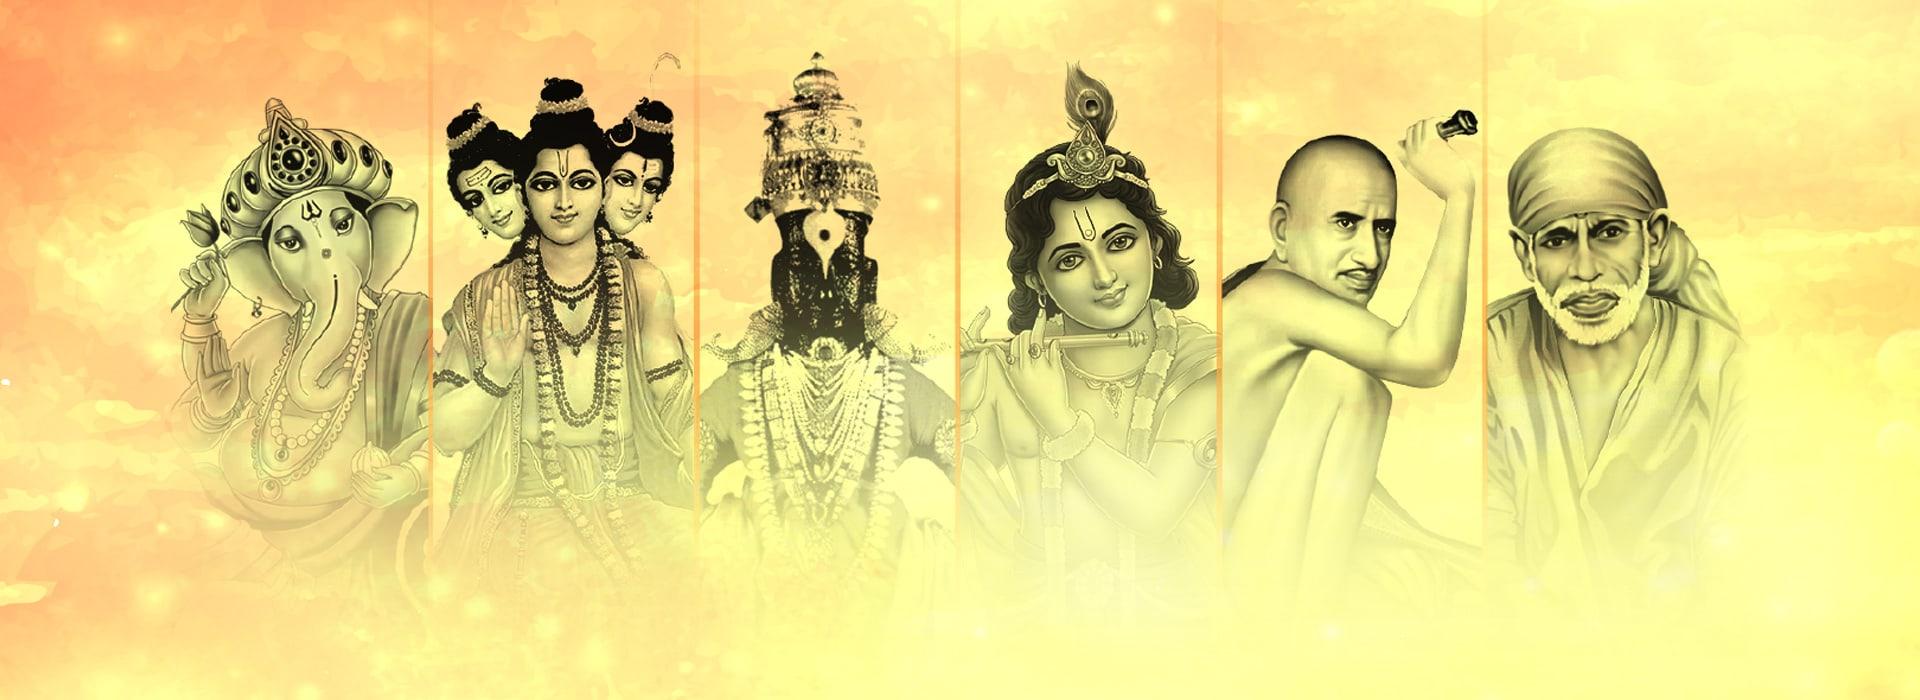 351 Marathi Devotional, Aarti, Mantra & Bhajans inside